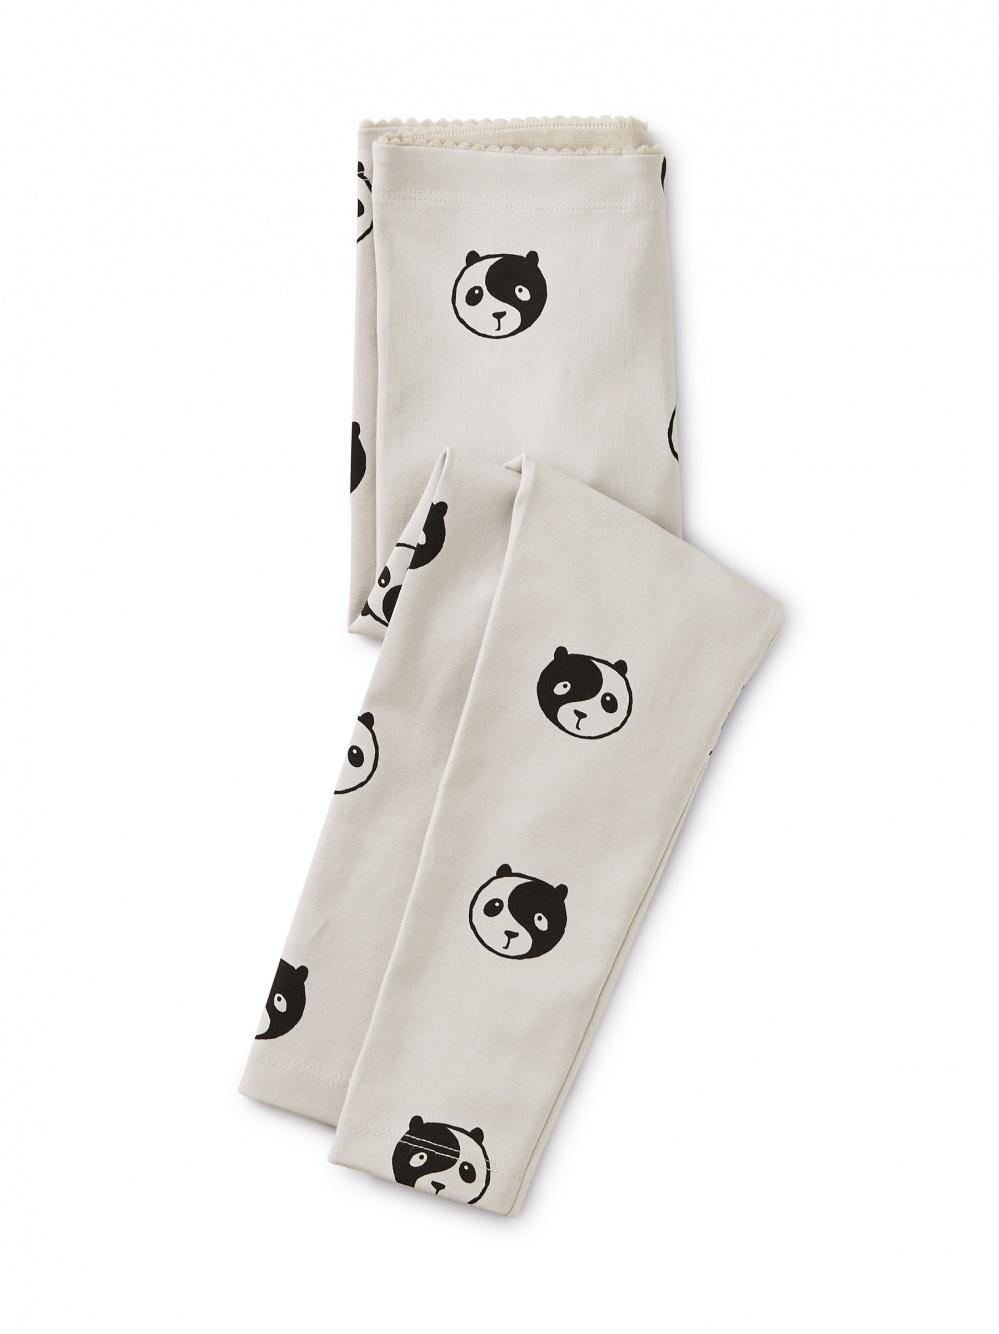 Yin Yang Panda Leggings